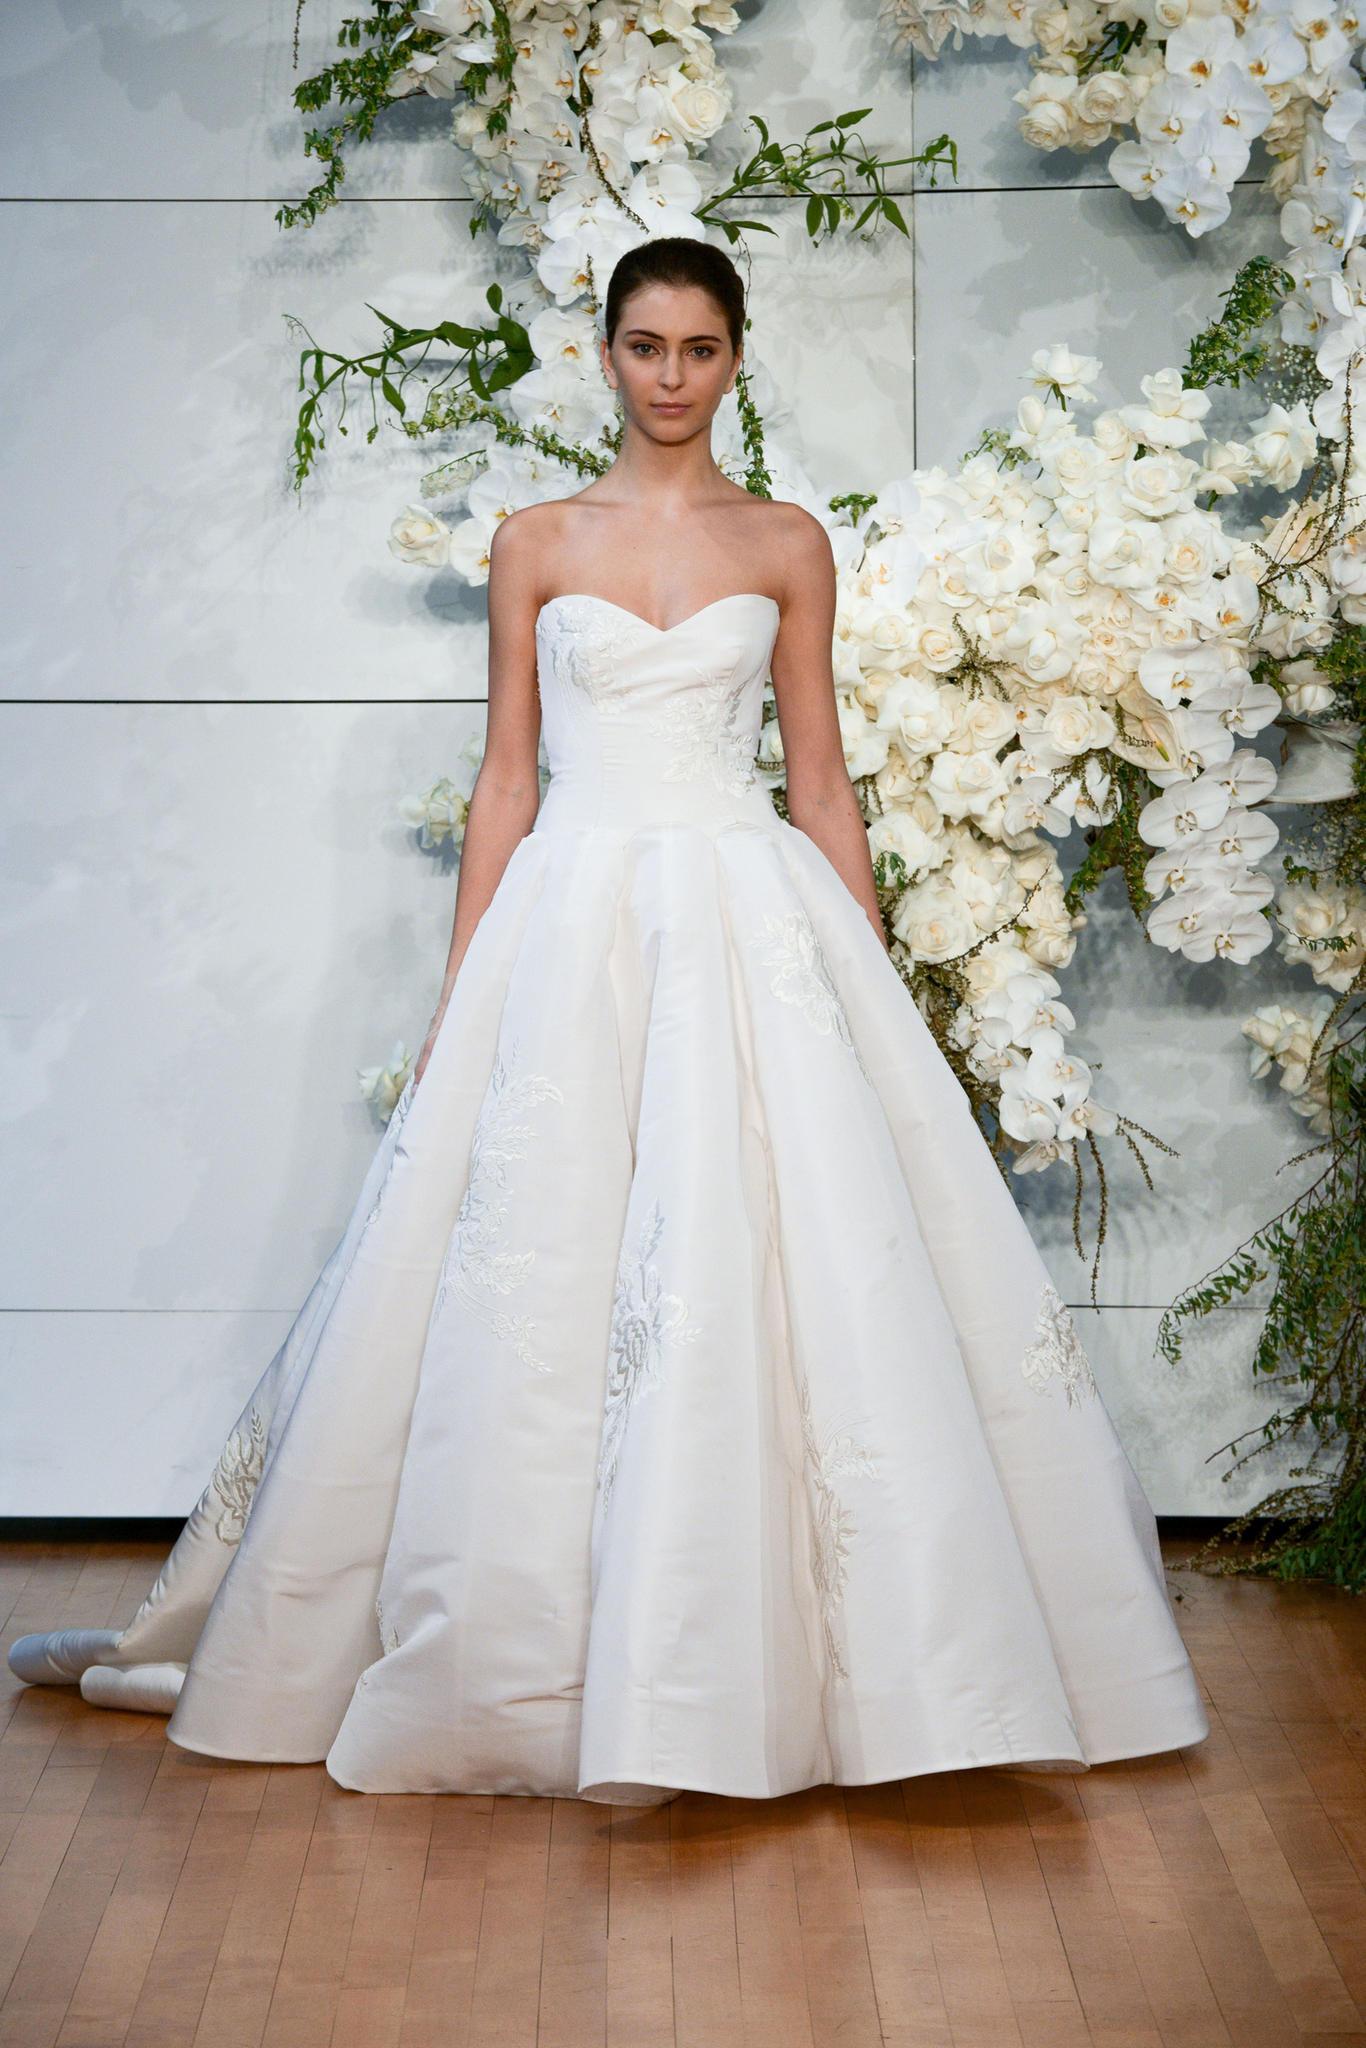 Brautkleider-Trends 2018: A-Linien-Kleid bei Monique Lhuillier